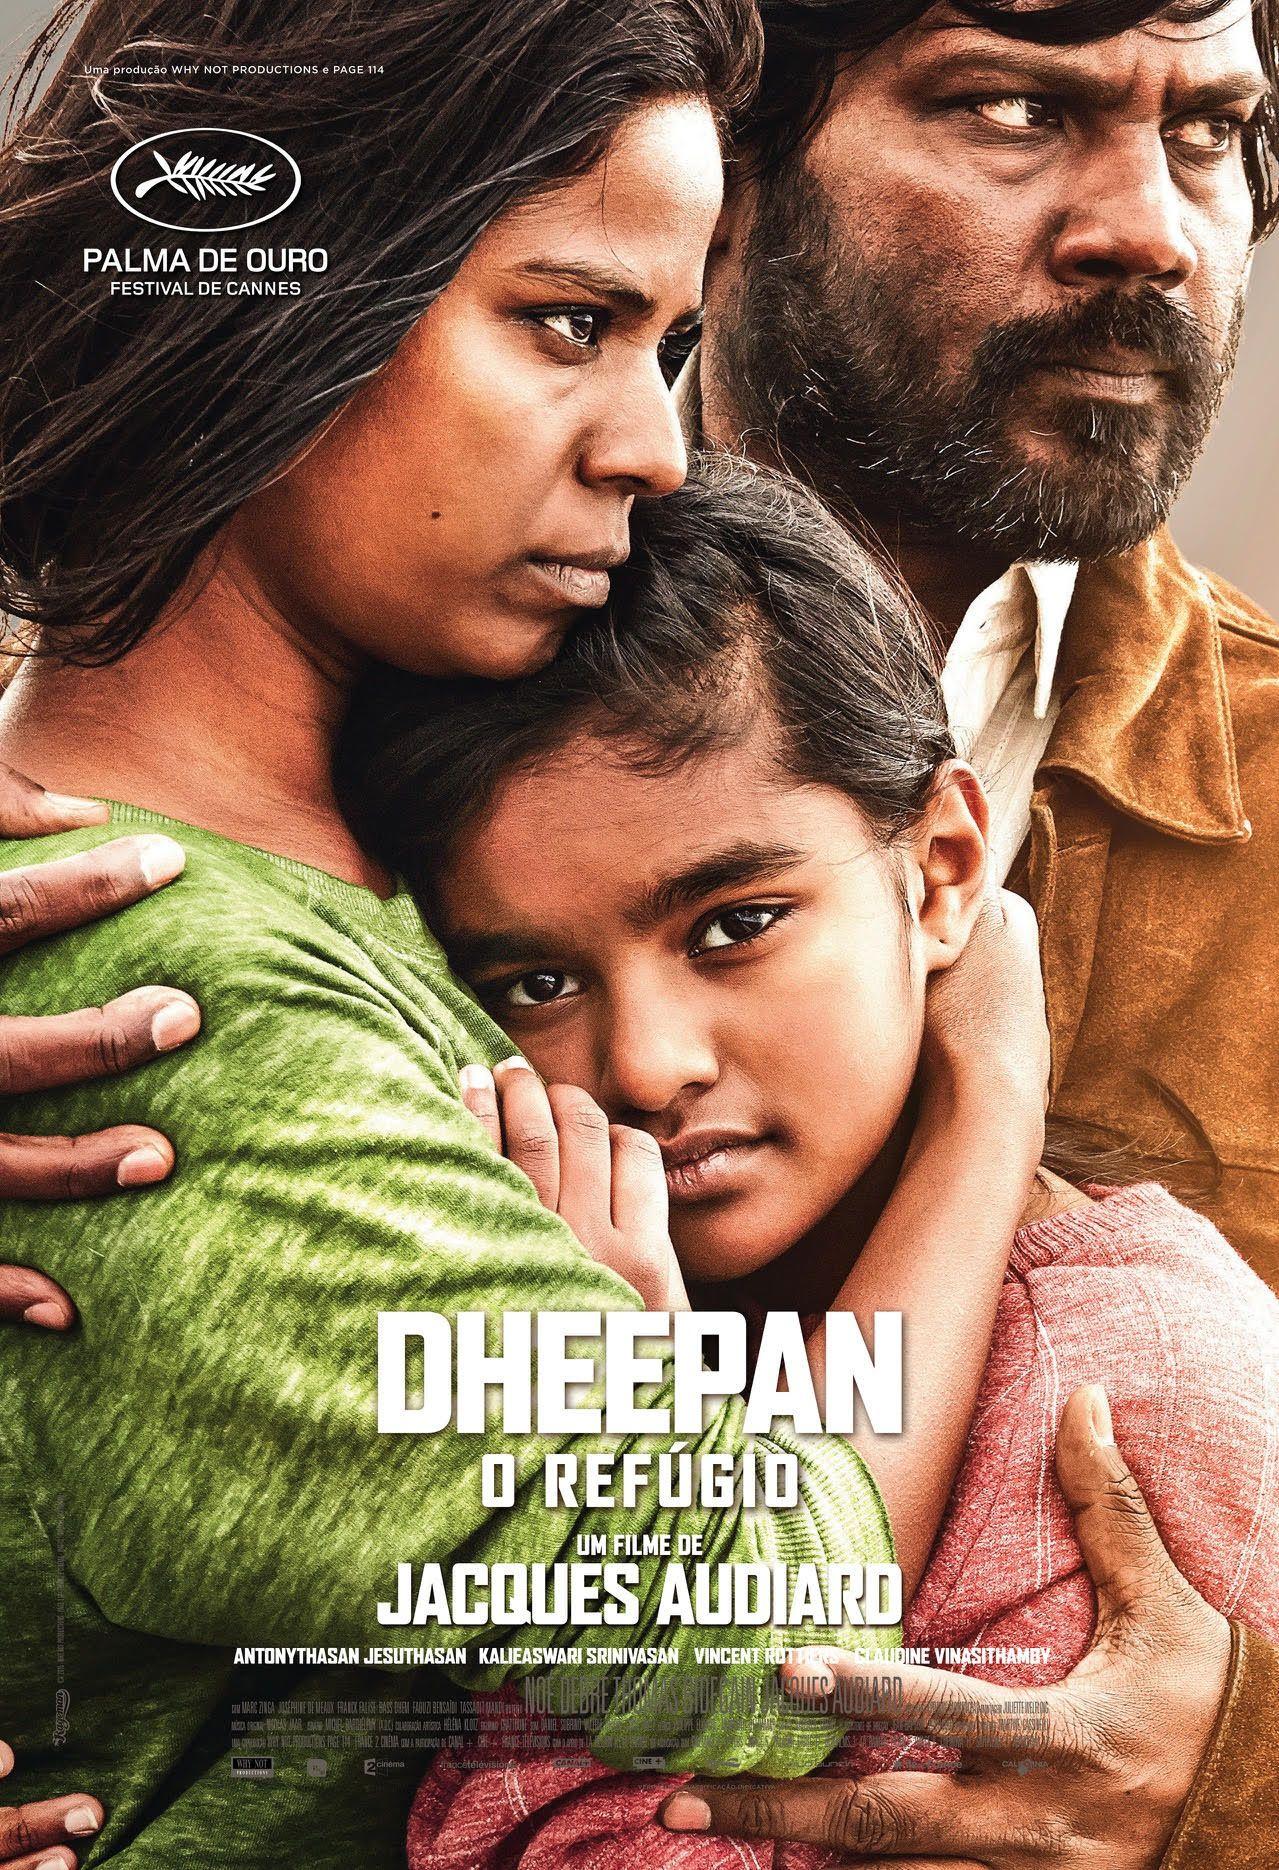 Dheepan Festival De Cannes Cannes Cine